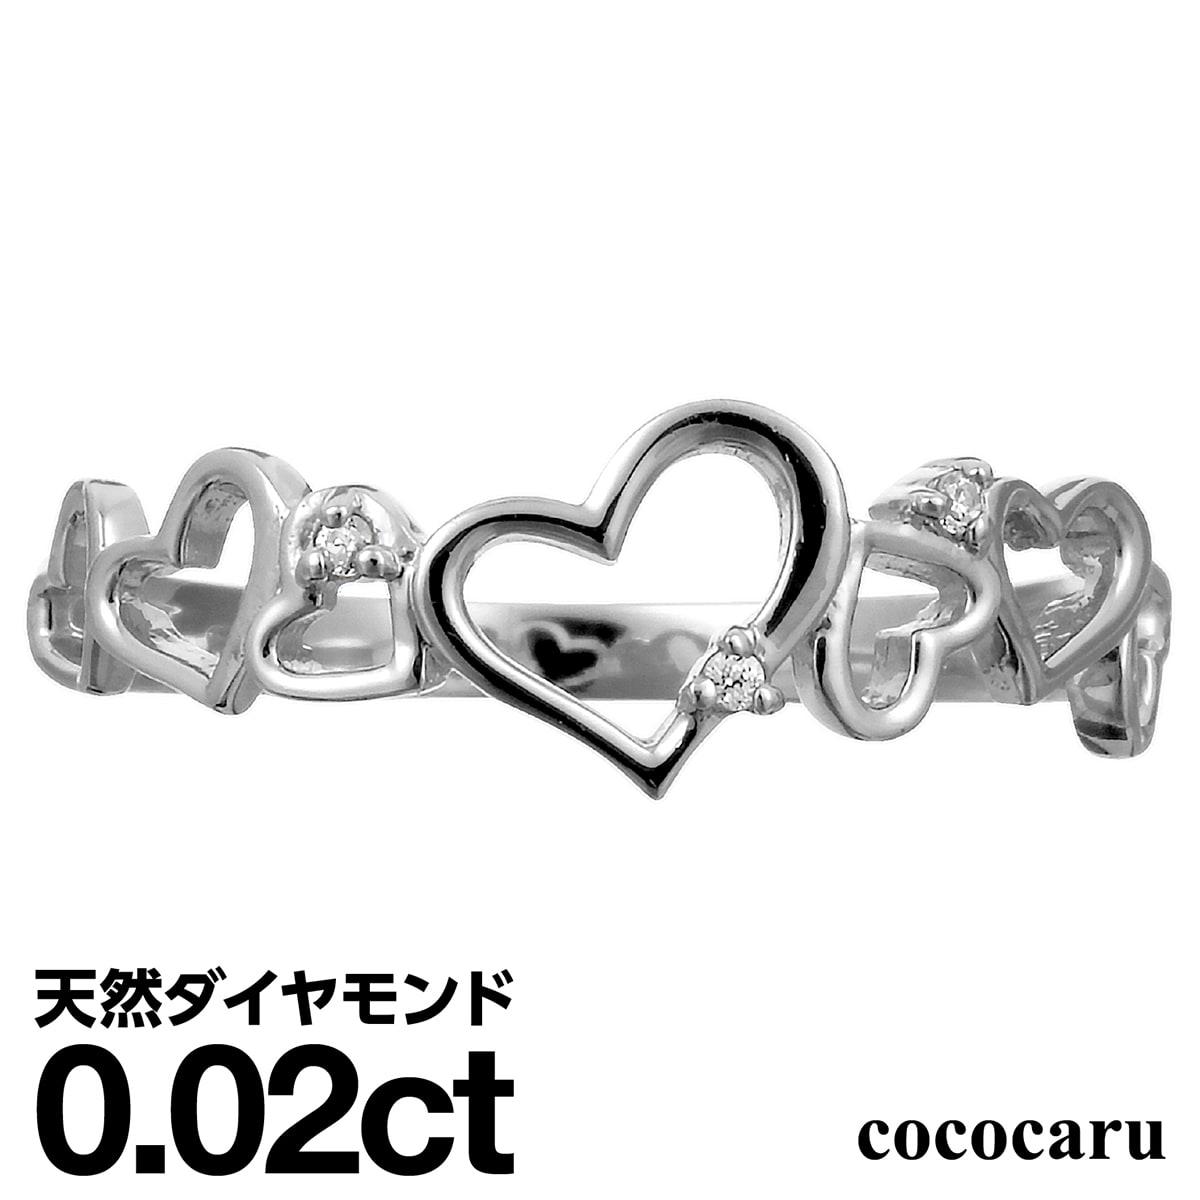 【送料無料】 ハート ダイヤモンド リング プラチナ900 ファッションリング 品質保証書 金属アレルギー 日本製 誕生日 ギフト